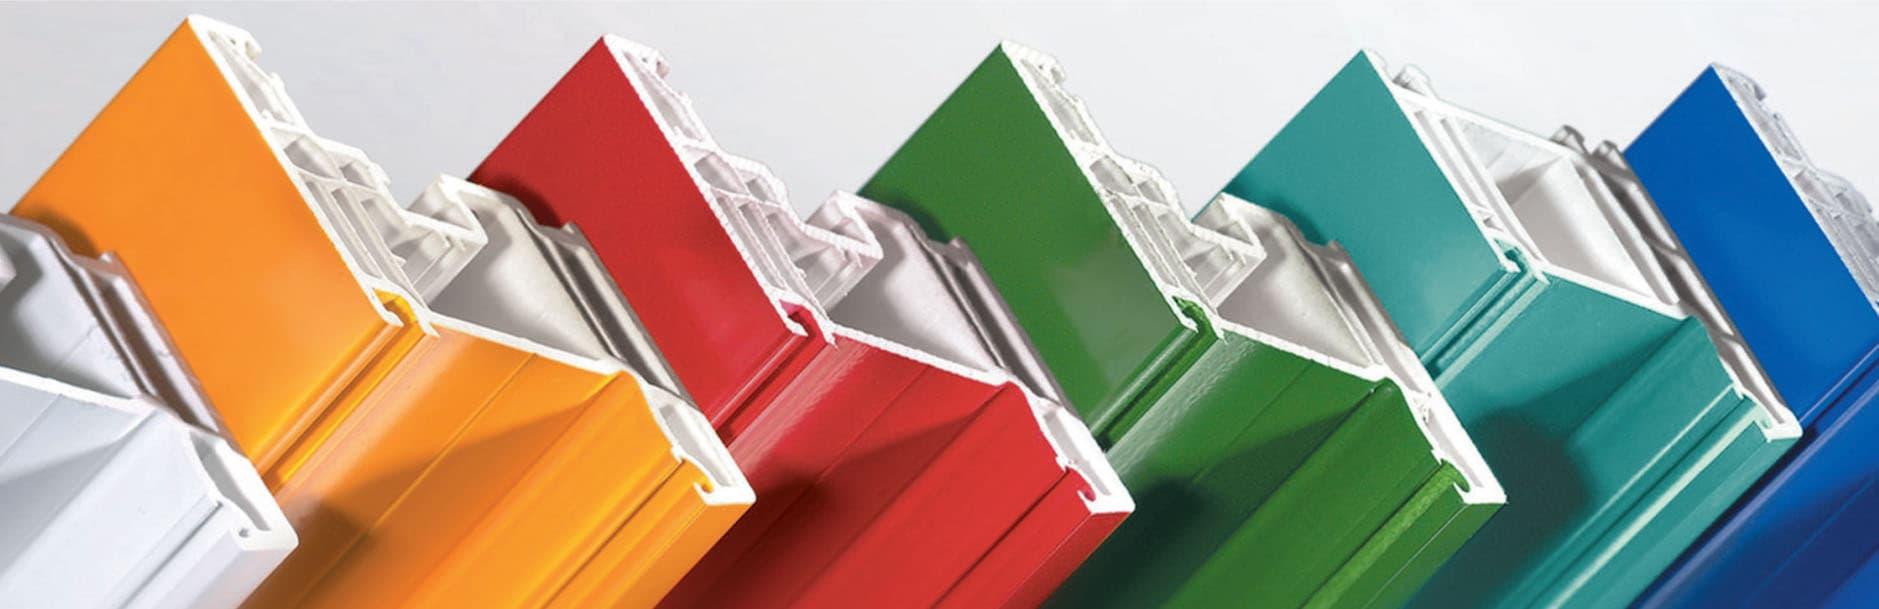 Цветные окна! Покраска пластиковых окон в Витебске